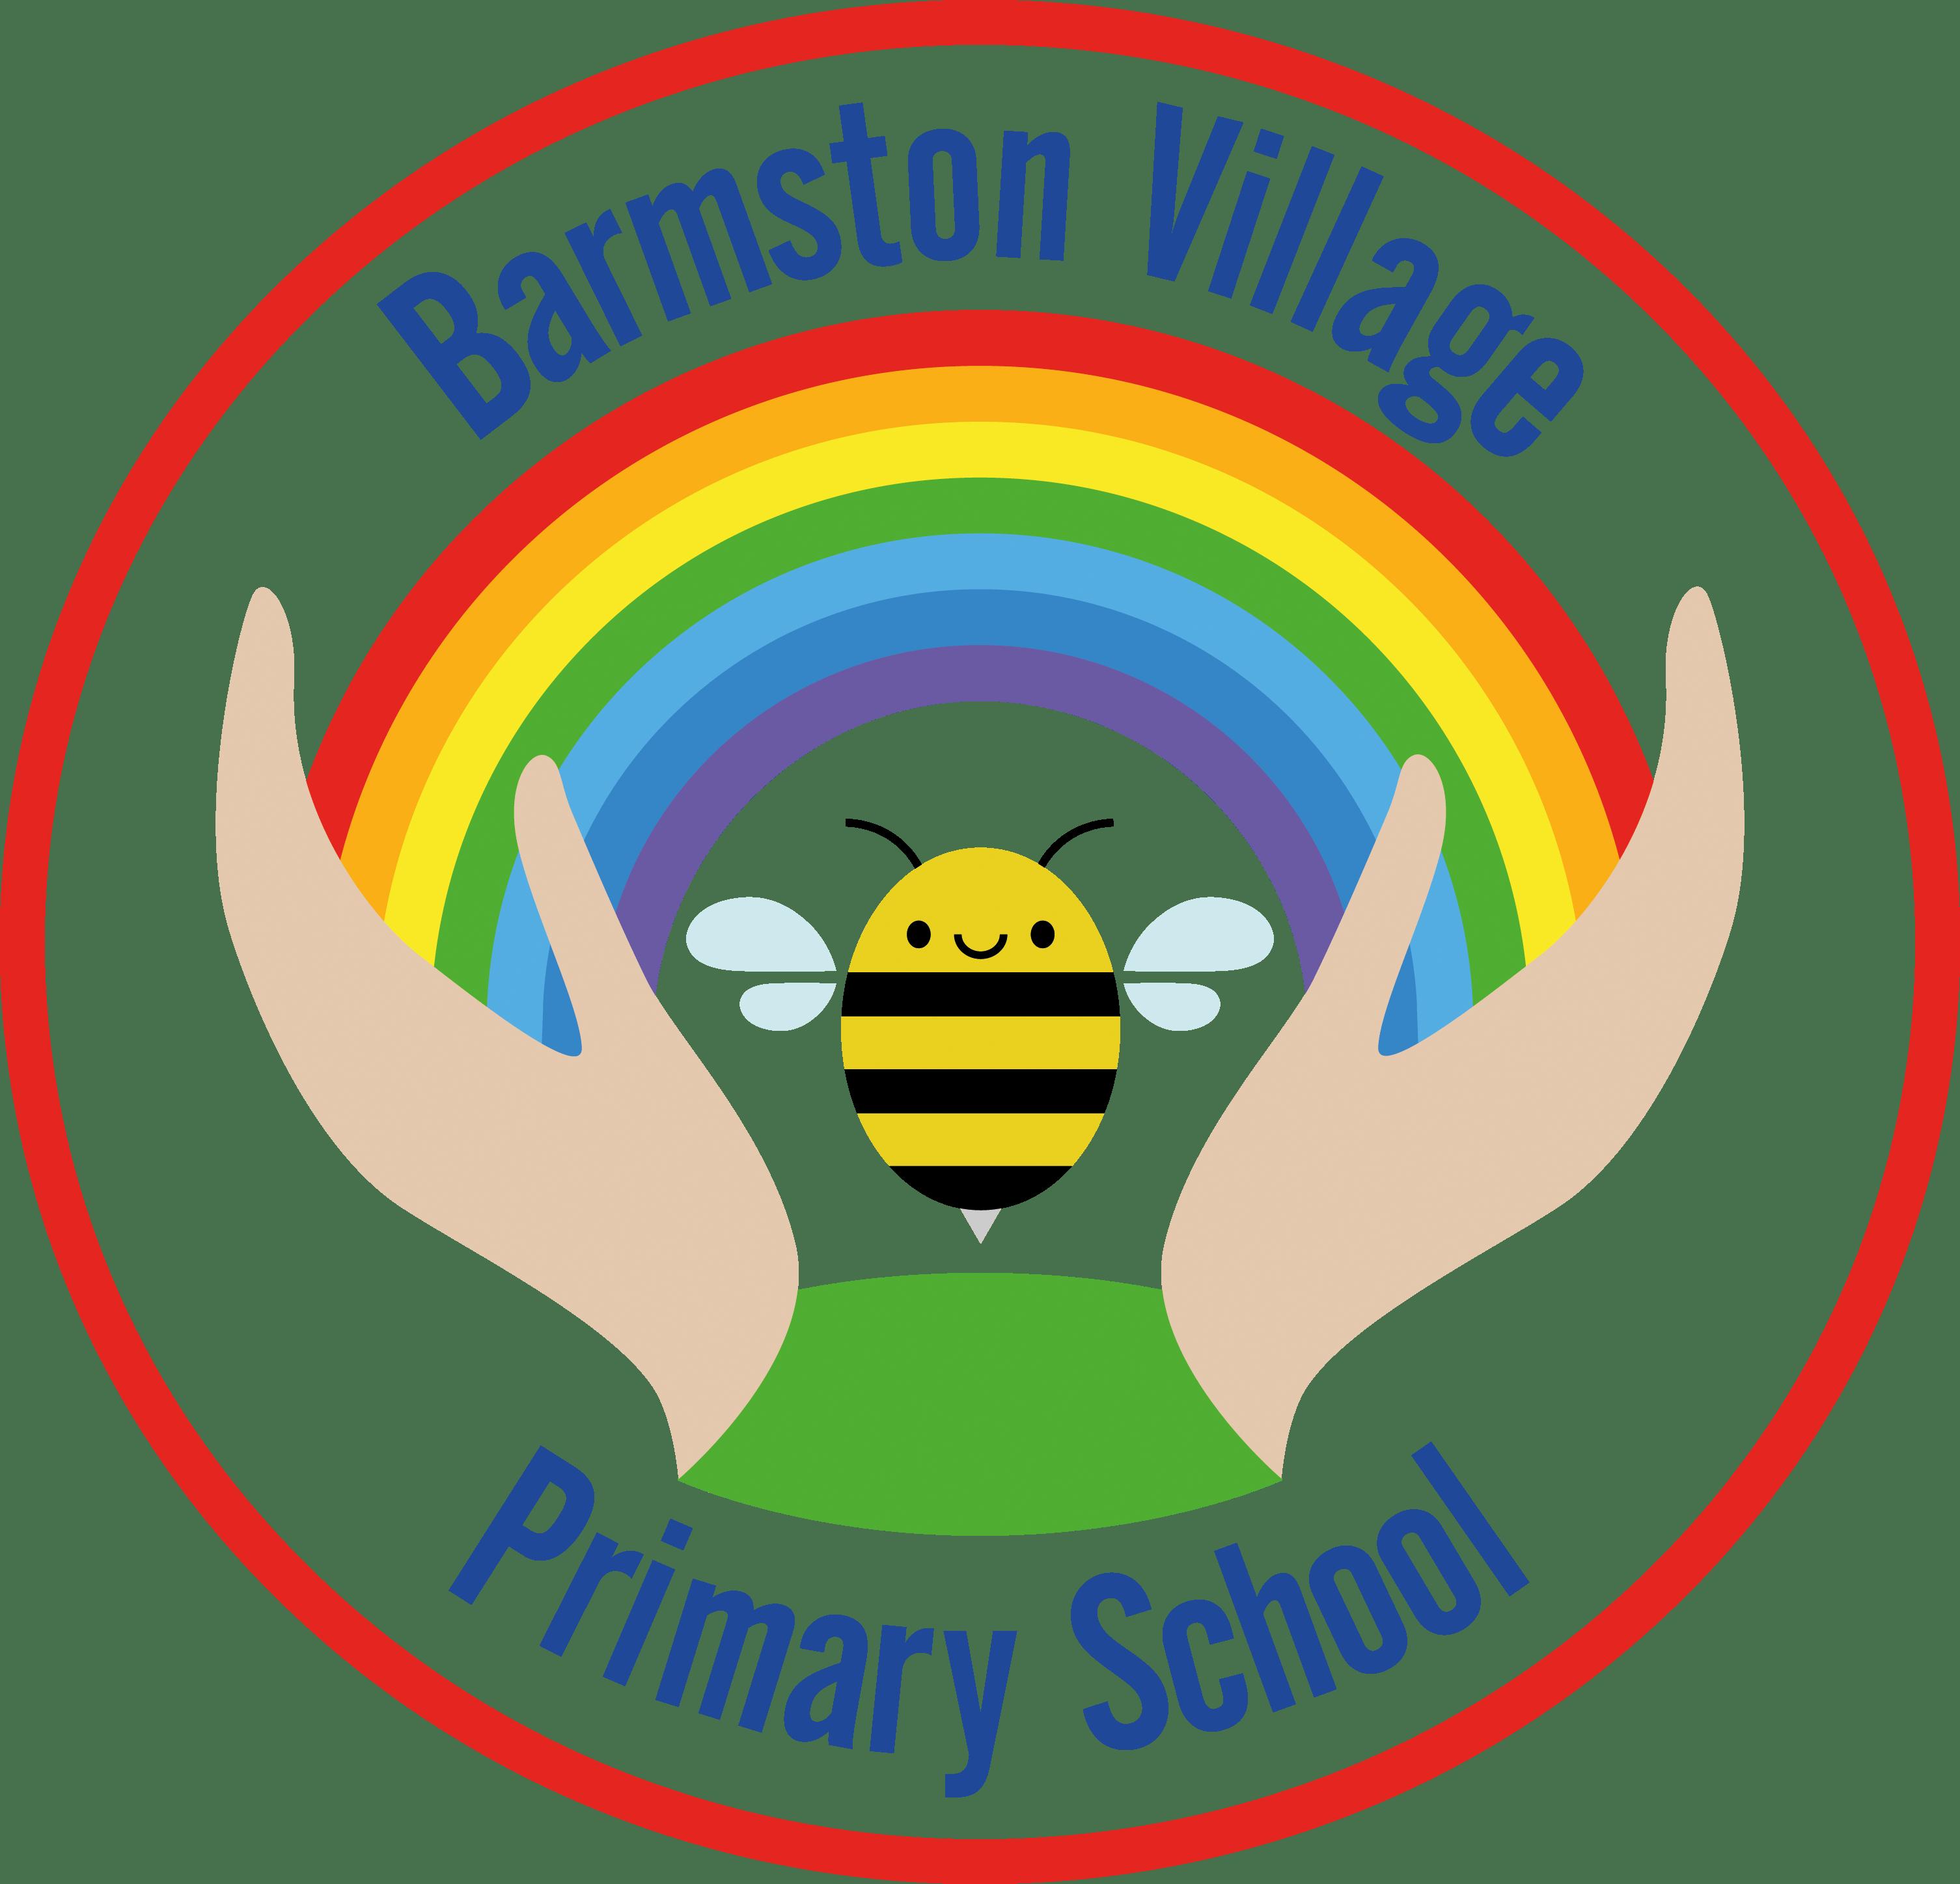 Barmston Village PrImary School